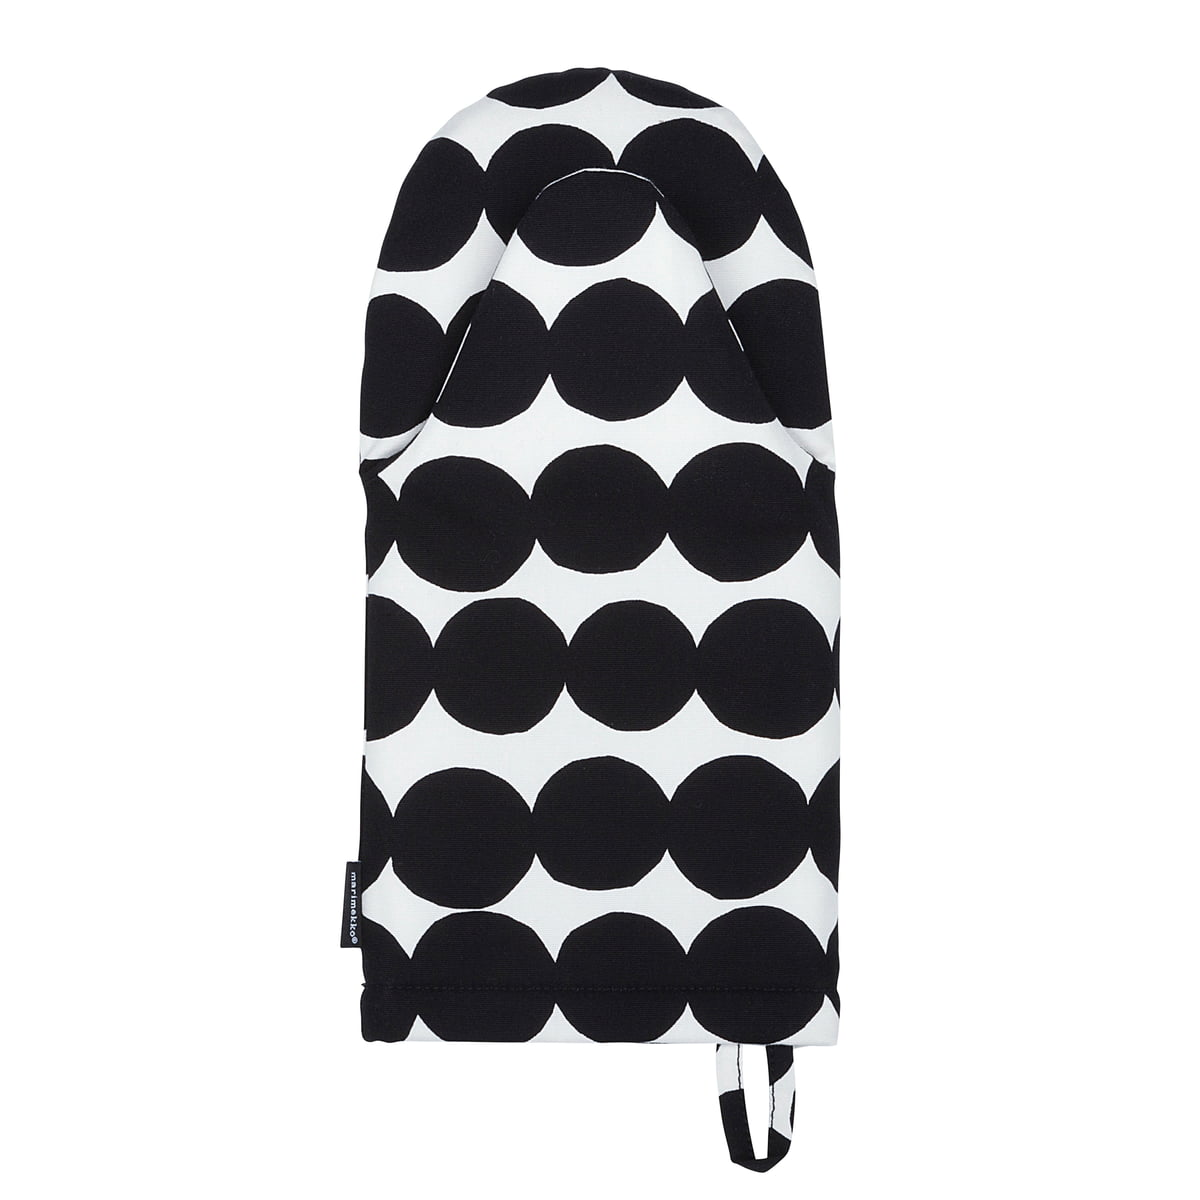 Marimekko - Räsymatto Ofenhandschuh, schwarz / weiß | Küche und Esszimmer > Küchentextilien > Topflappen | Schwarz - Weiß | Marimekko